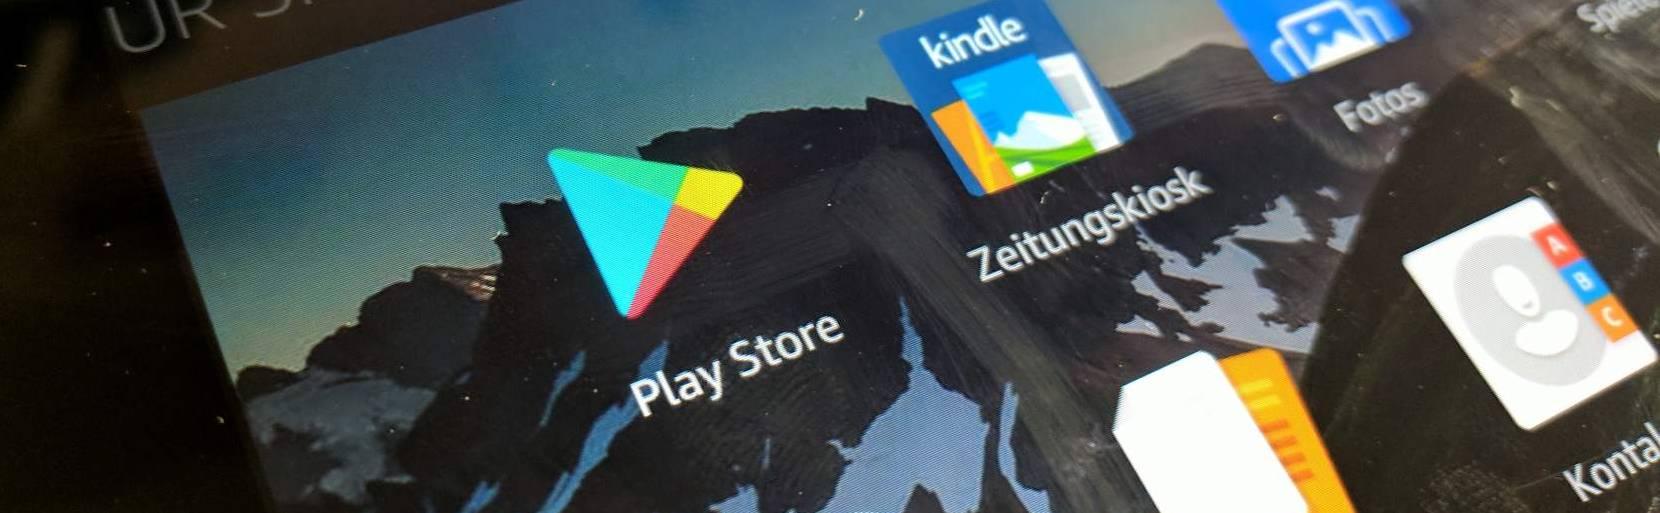 Fire Hd 10 Play Store Installieren